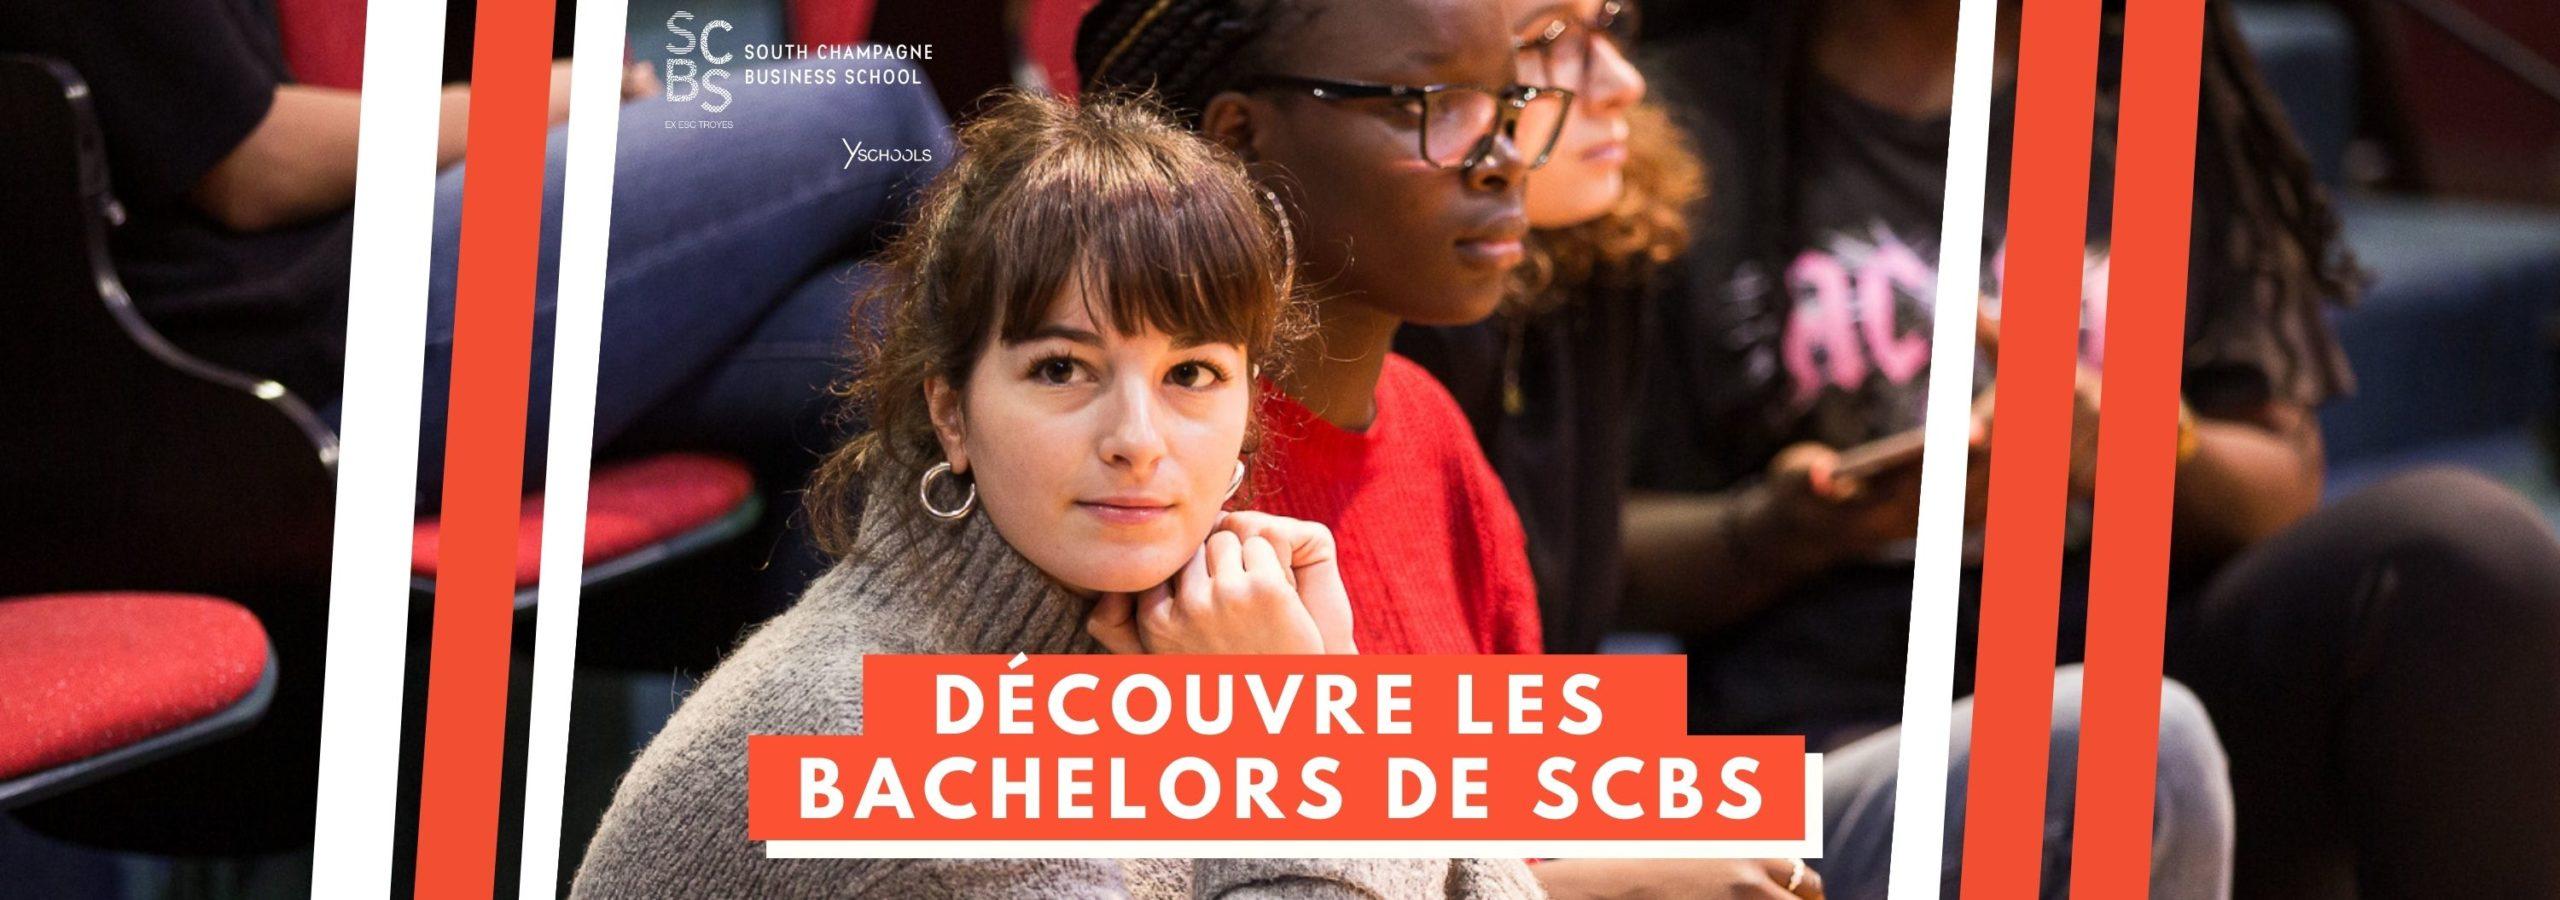 SCBS Bachelor